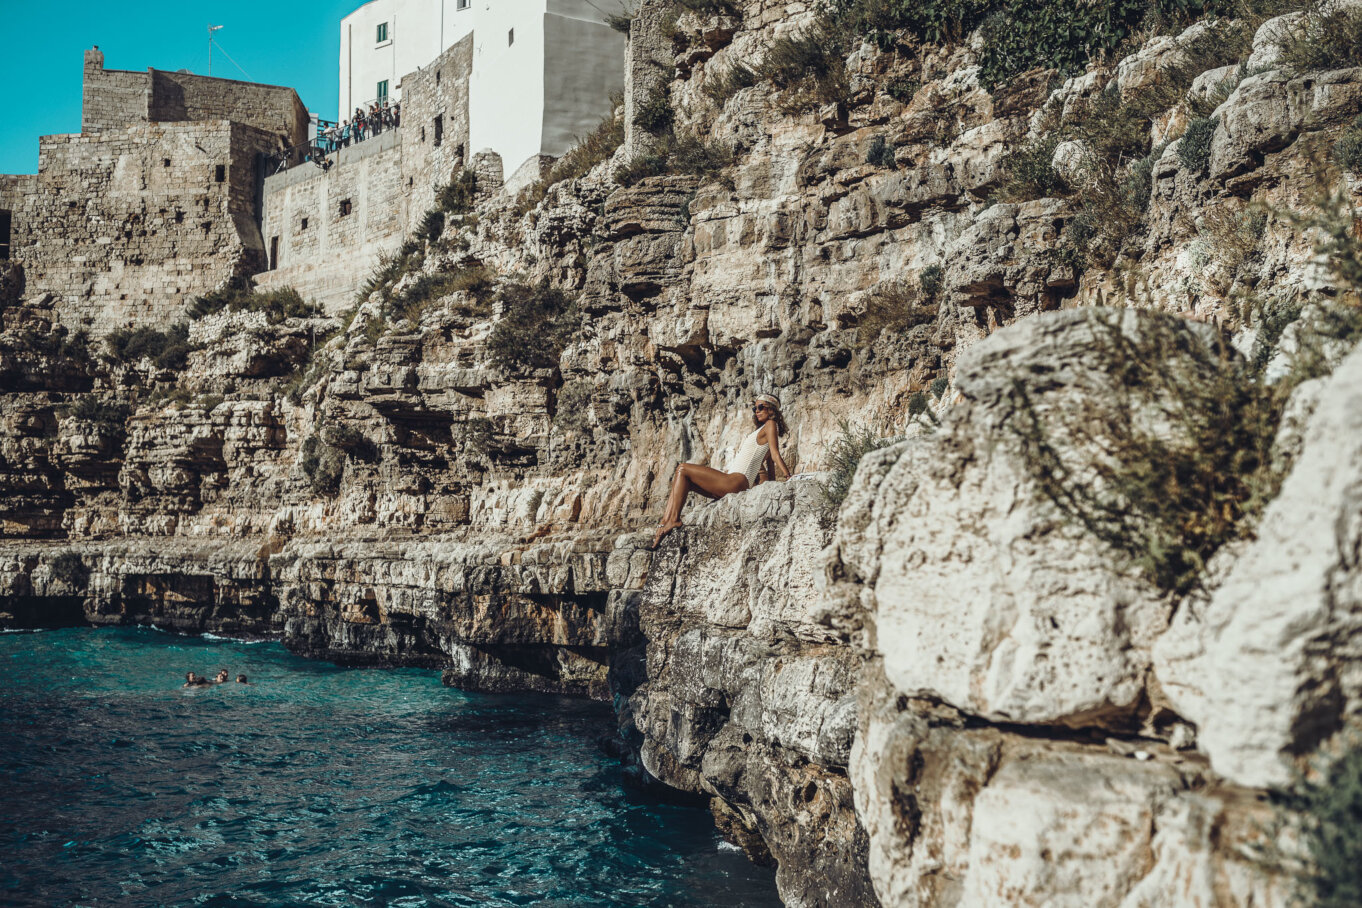 Opalanie na skalistym brzegu plaży w Polignano a Mare